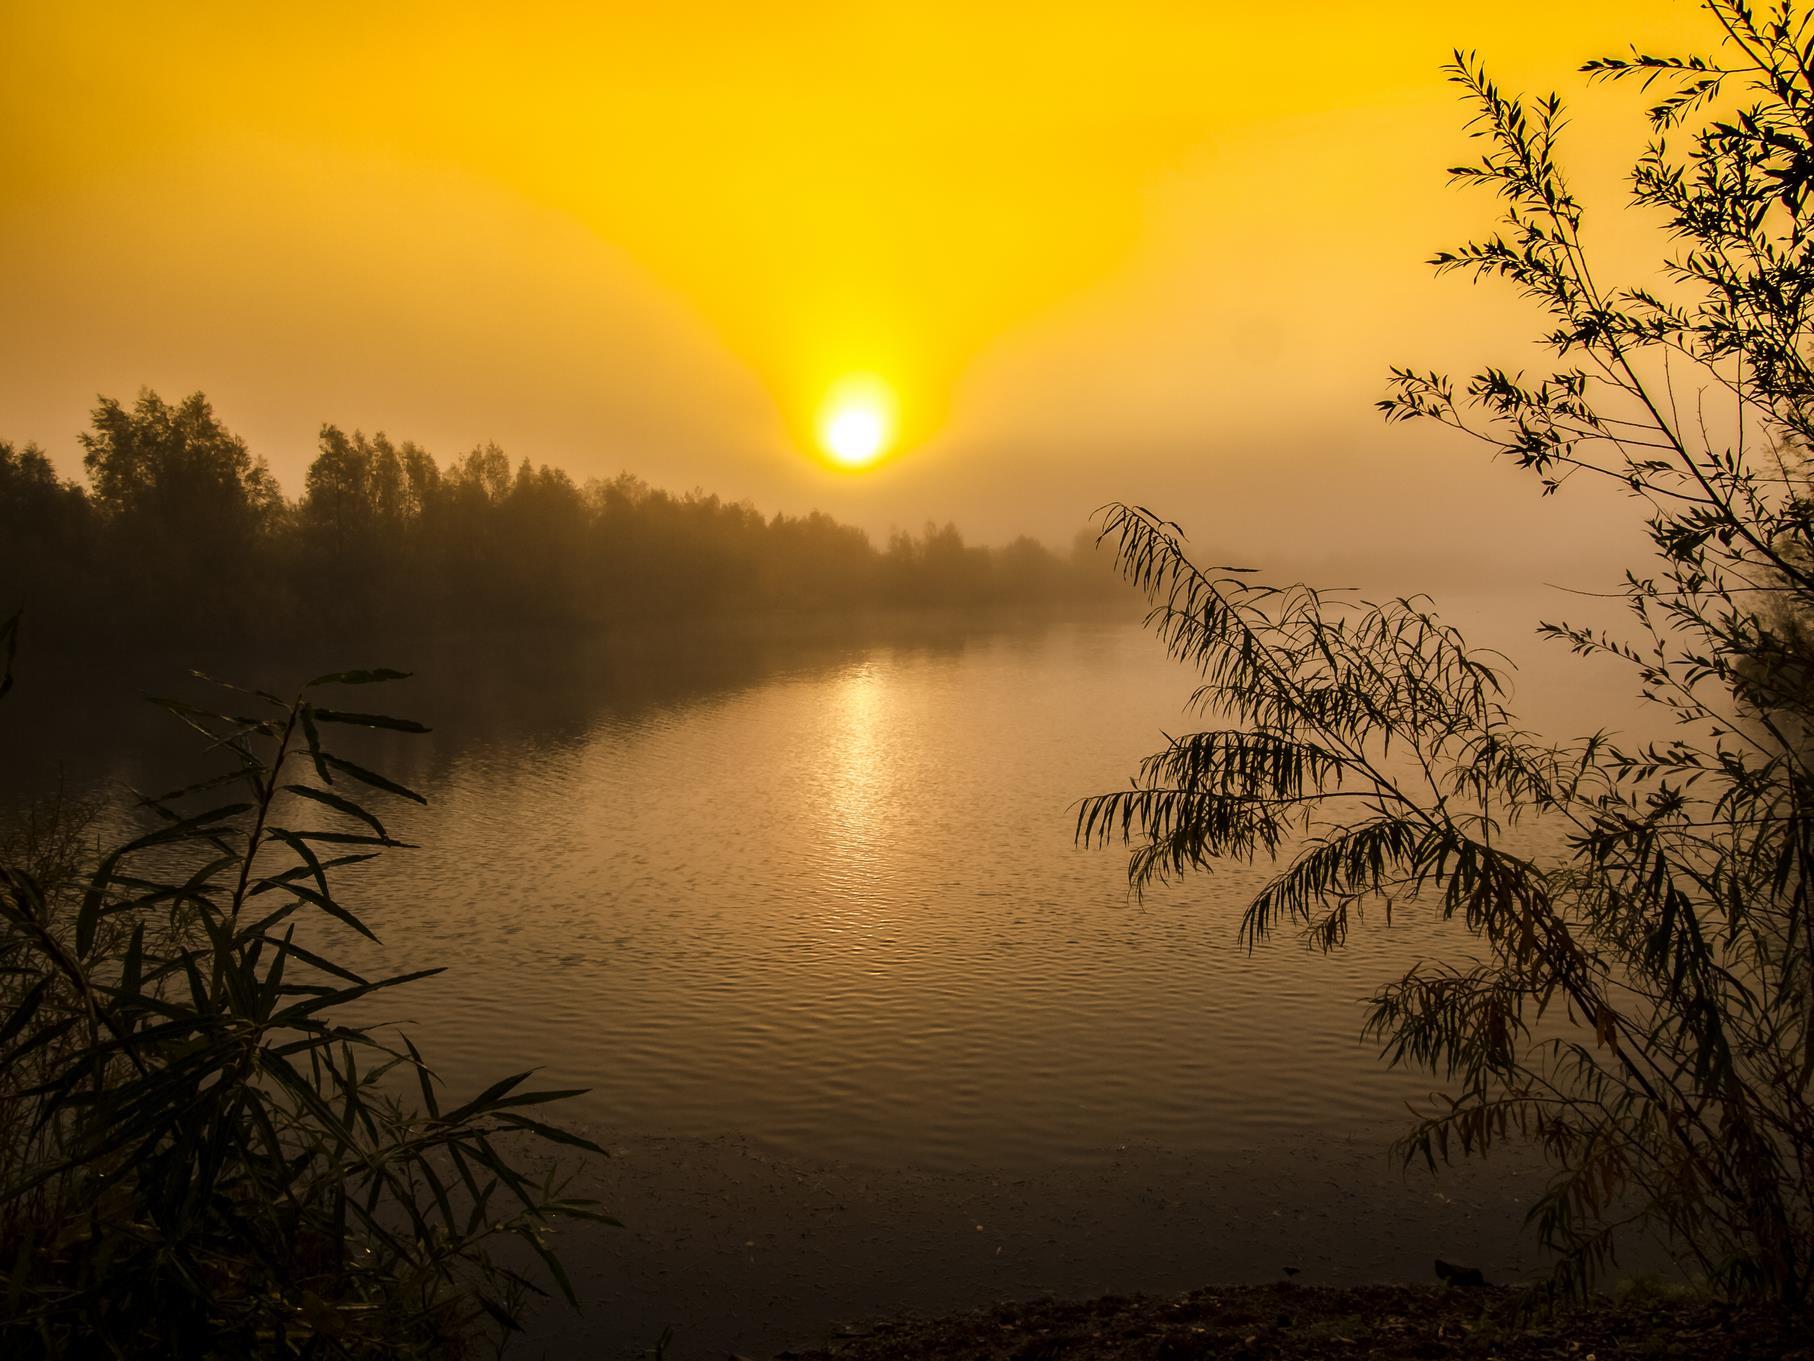 Sonnenaufgang am östlichen Teich.